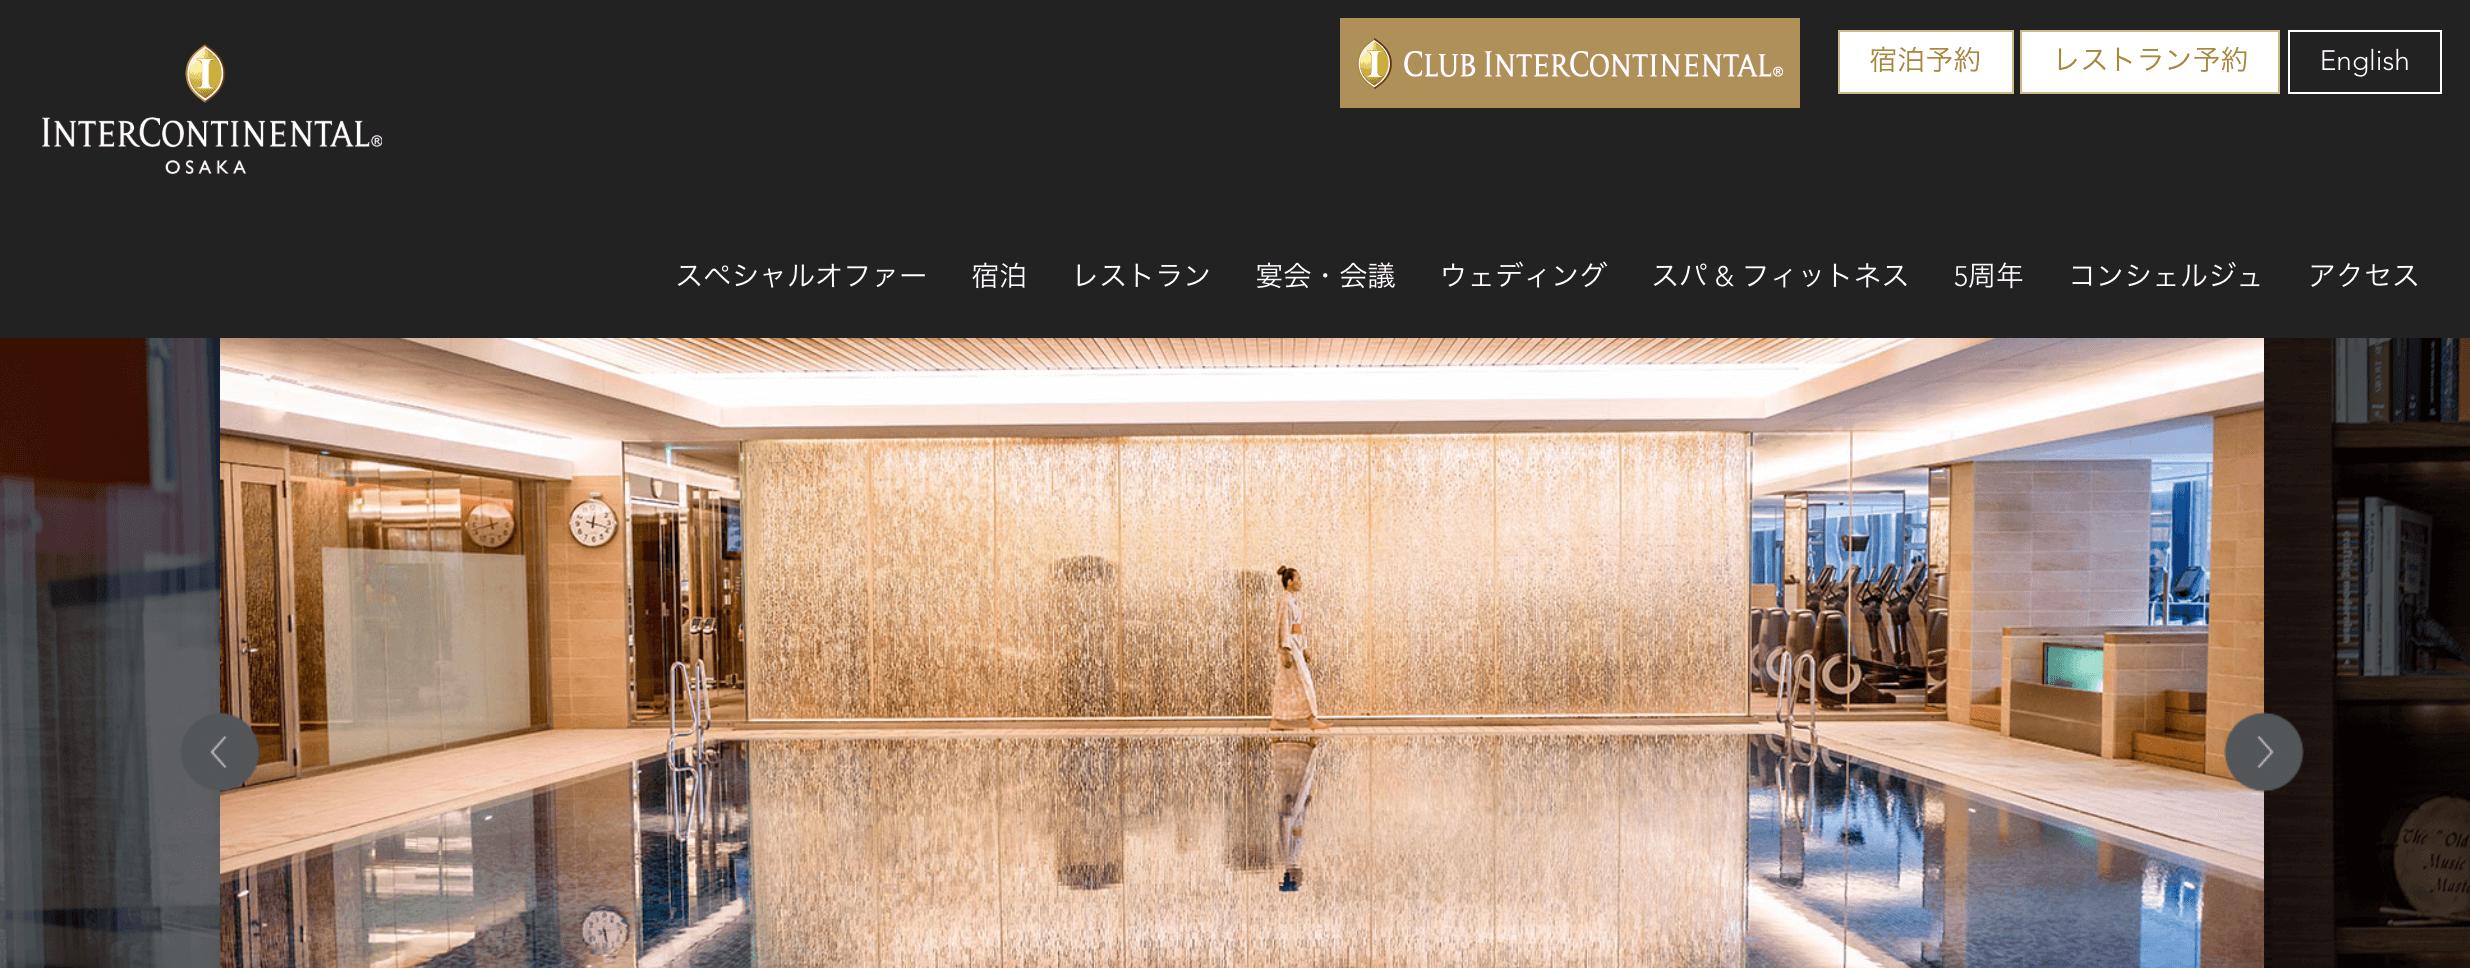 大阪でパパ活におすすめなホテル「インターコンチネンタルホテル大阪」